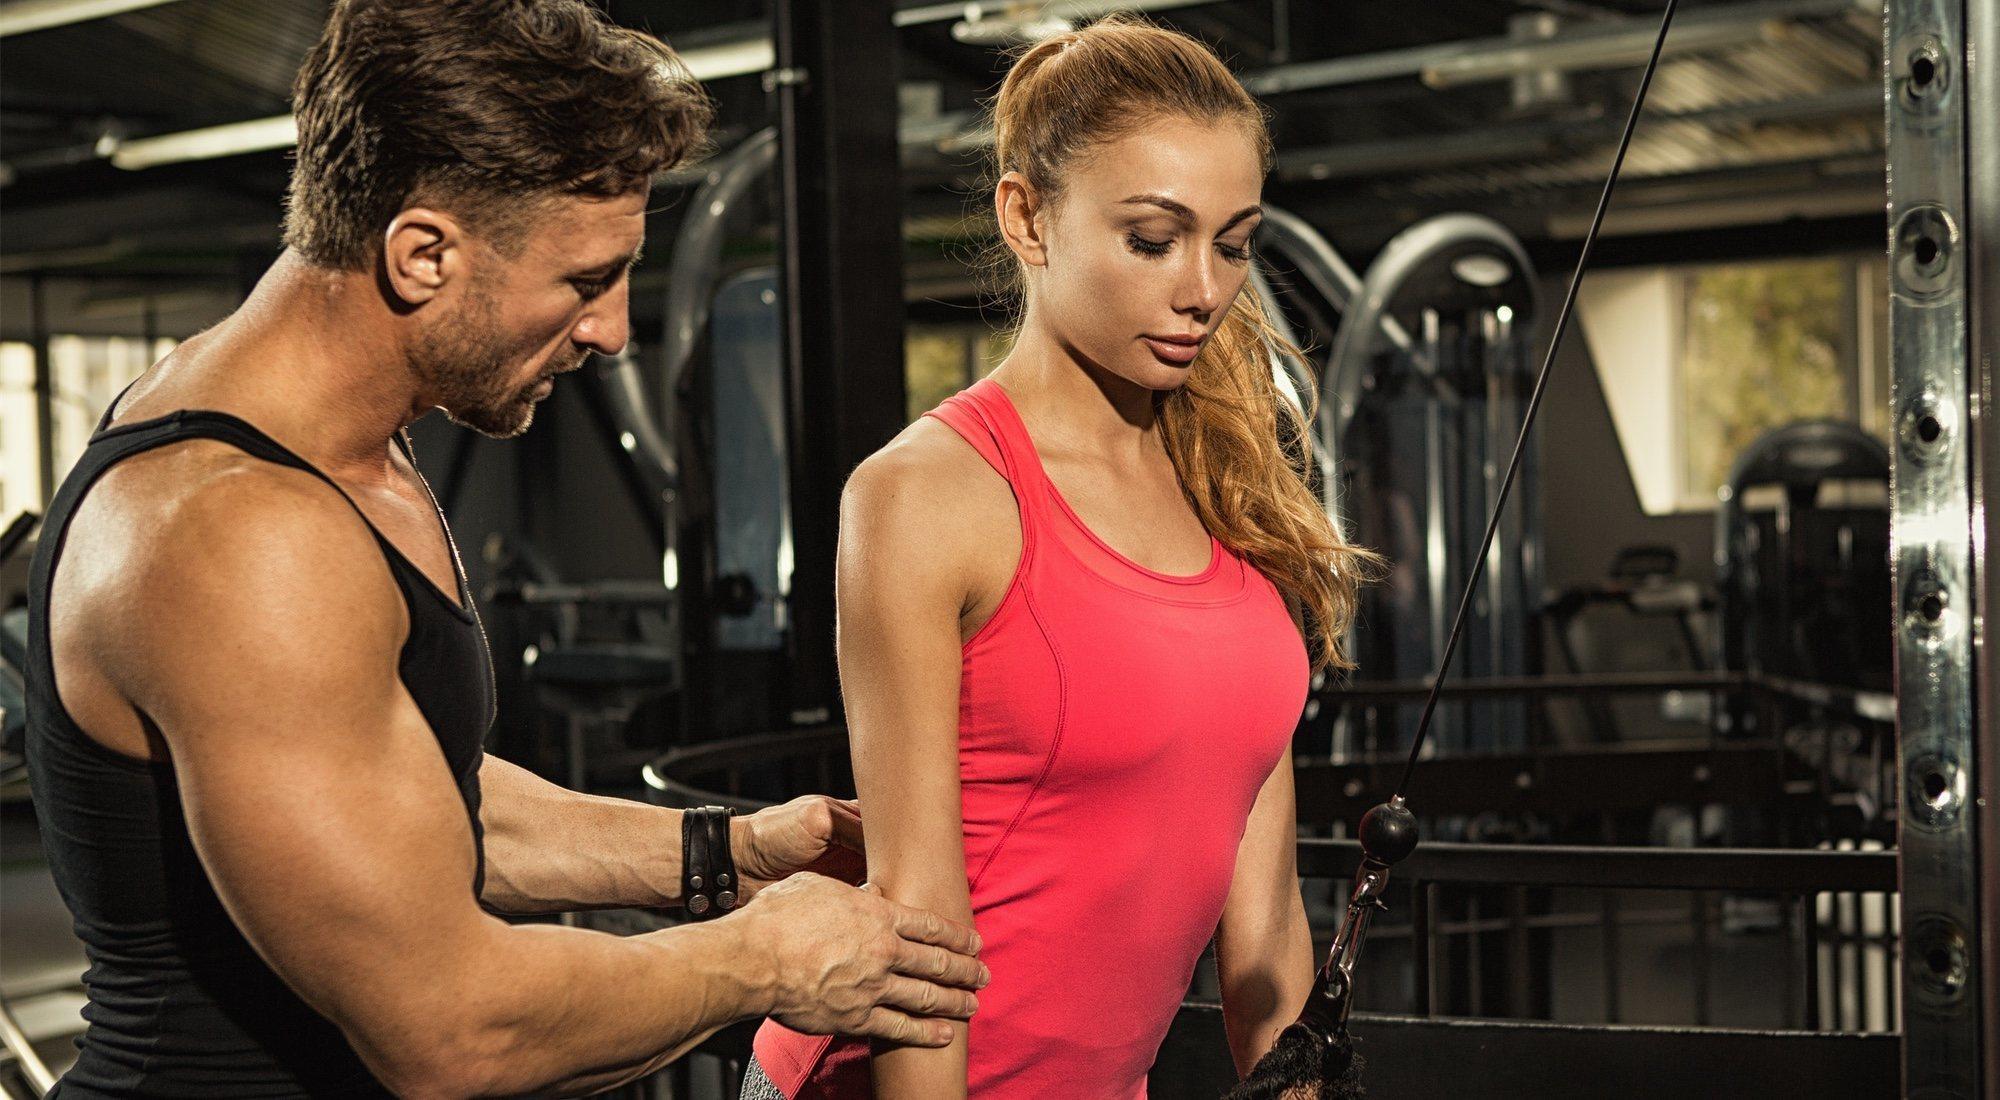 Personal trainer: ventajas de tener un entrenador personal